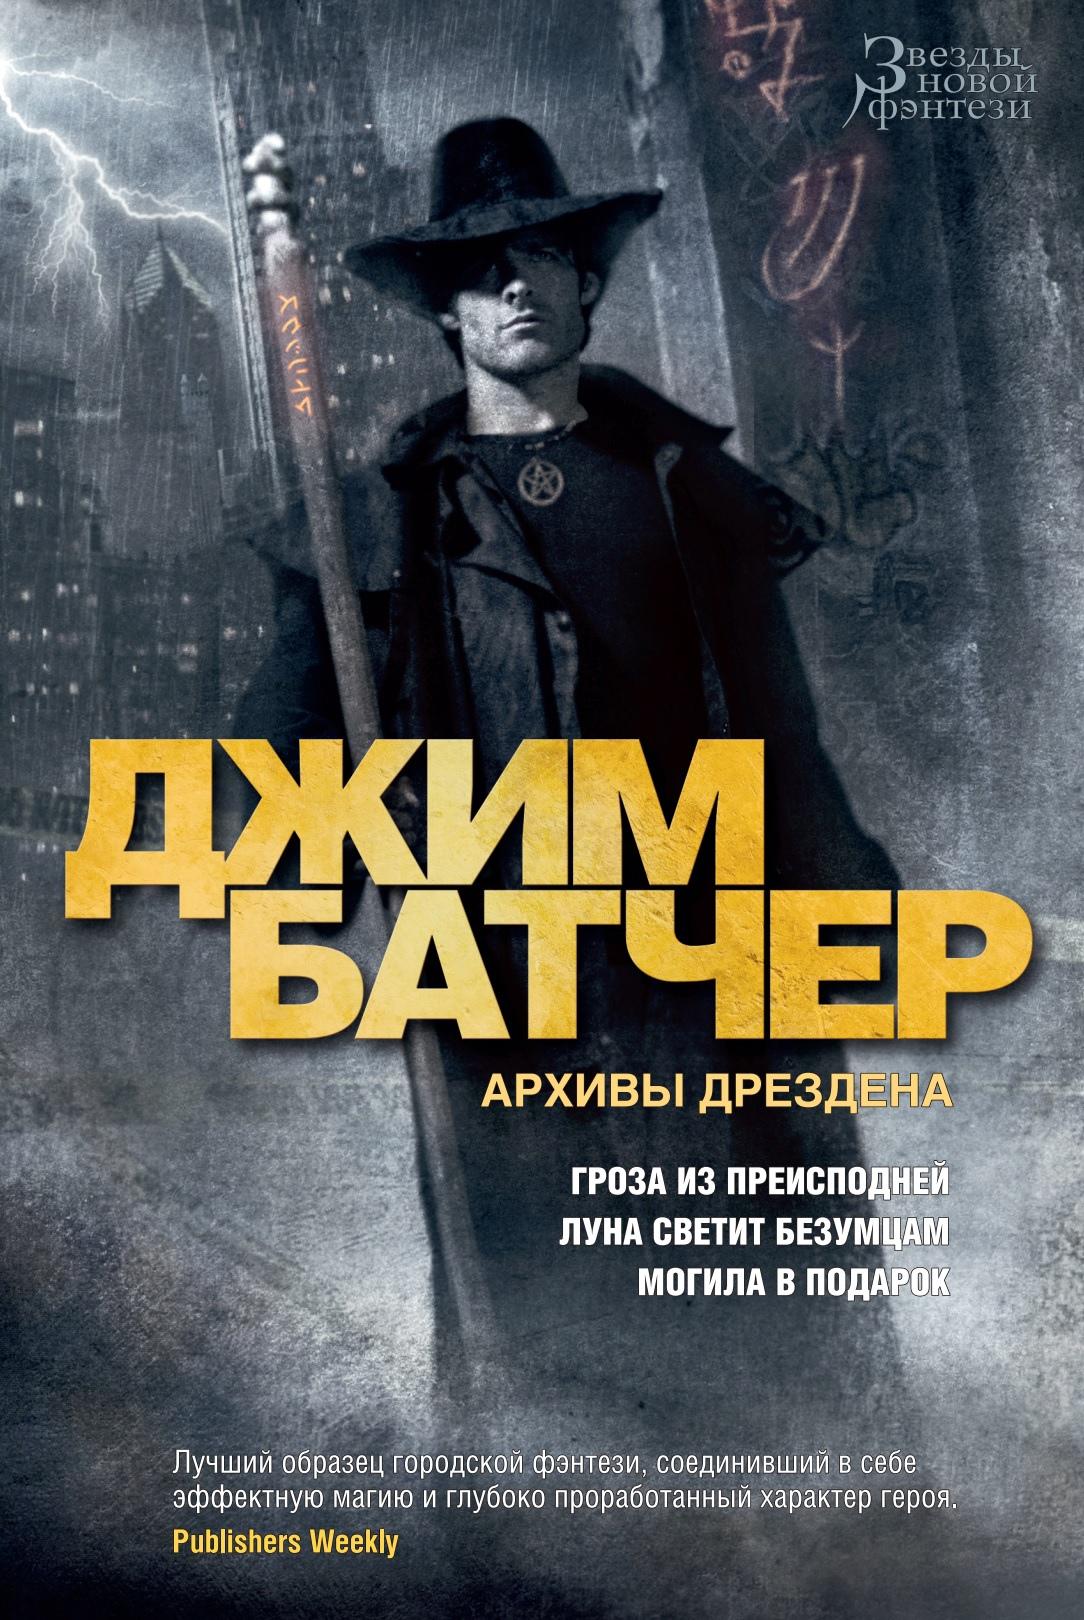 Читаем книгу: Джим Батчер «Досье Дрездена» 1